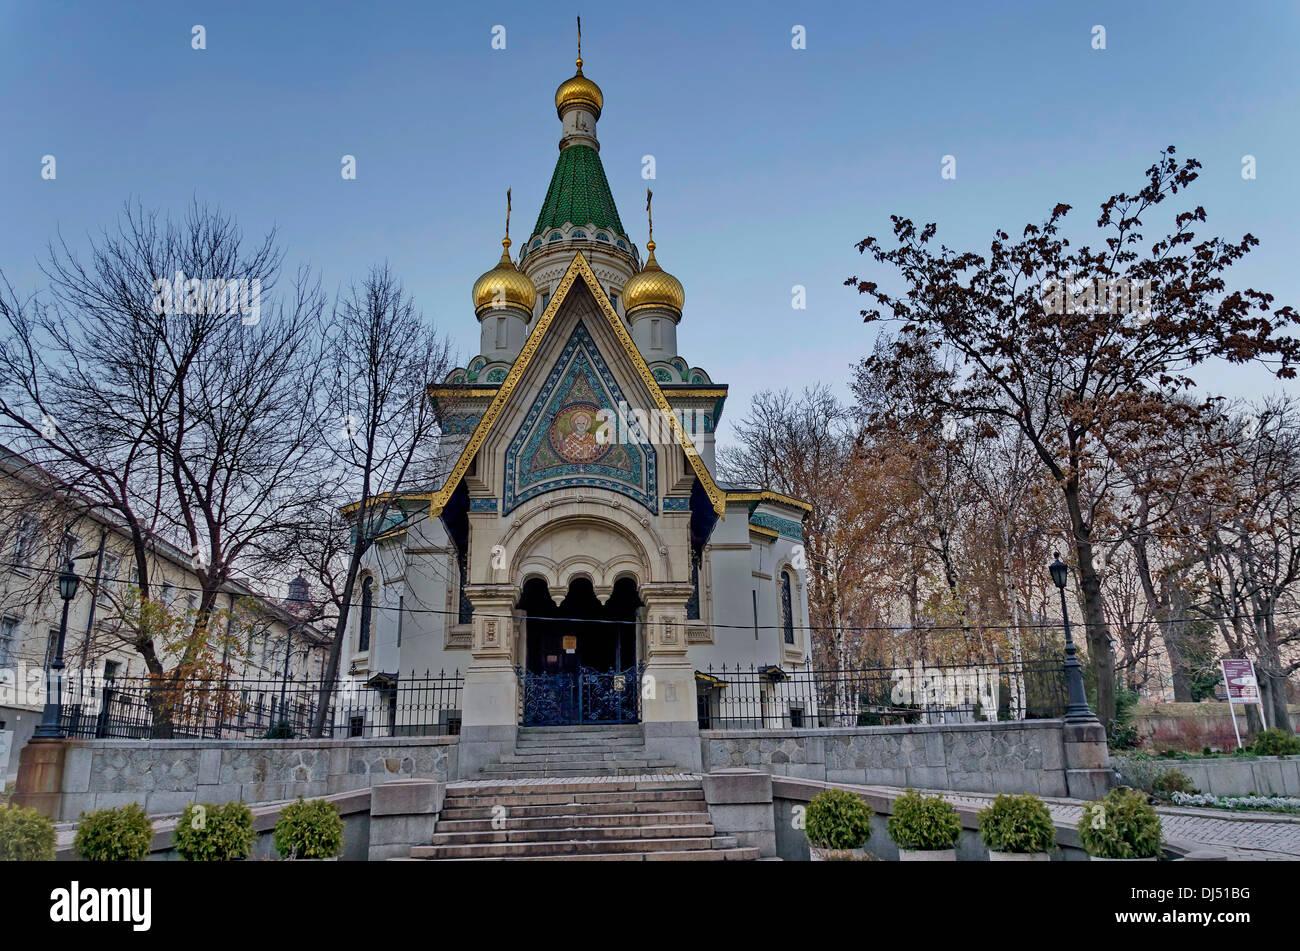 Sofia - the Capital of Bulgaria